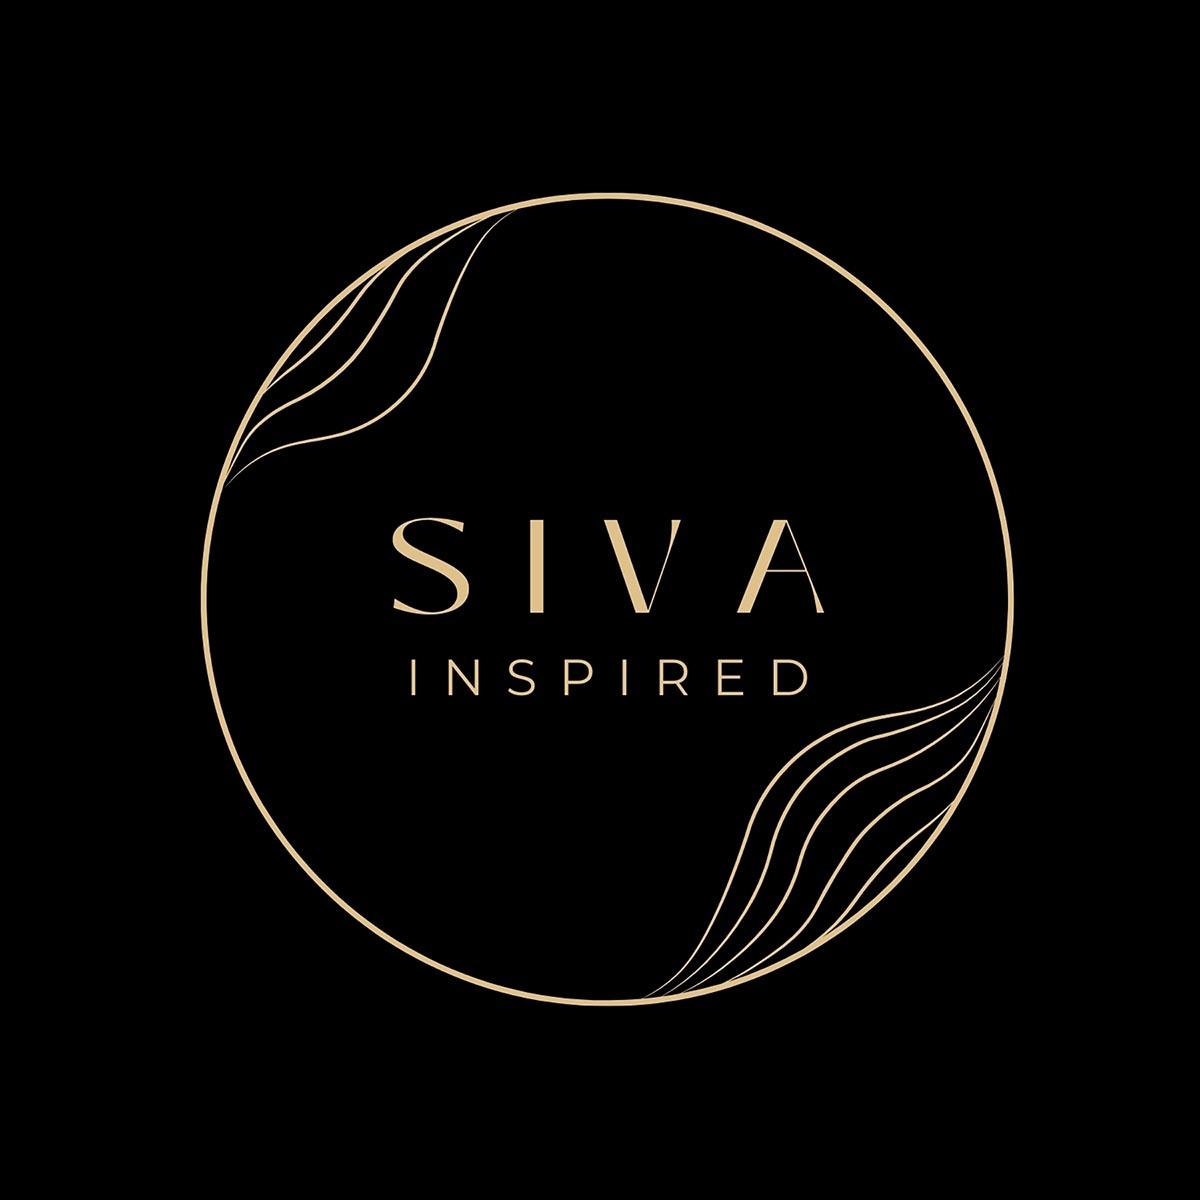 SIVA Inspired logo